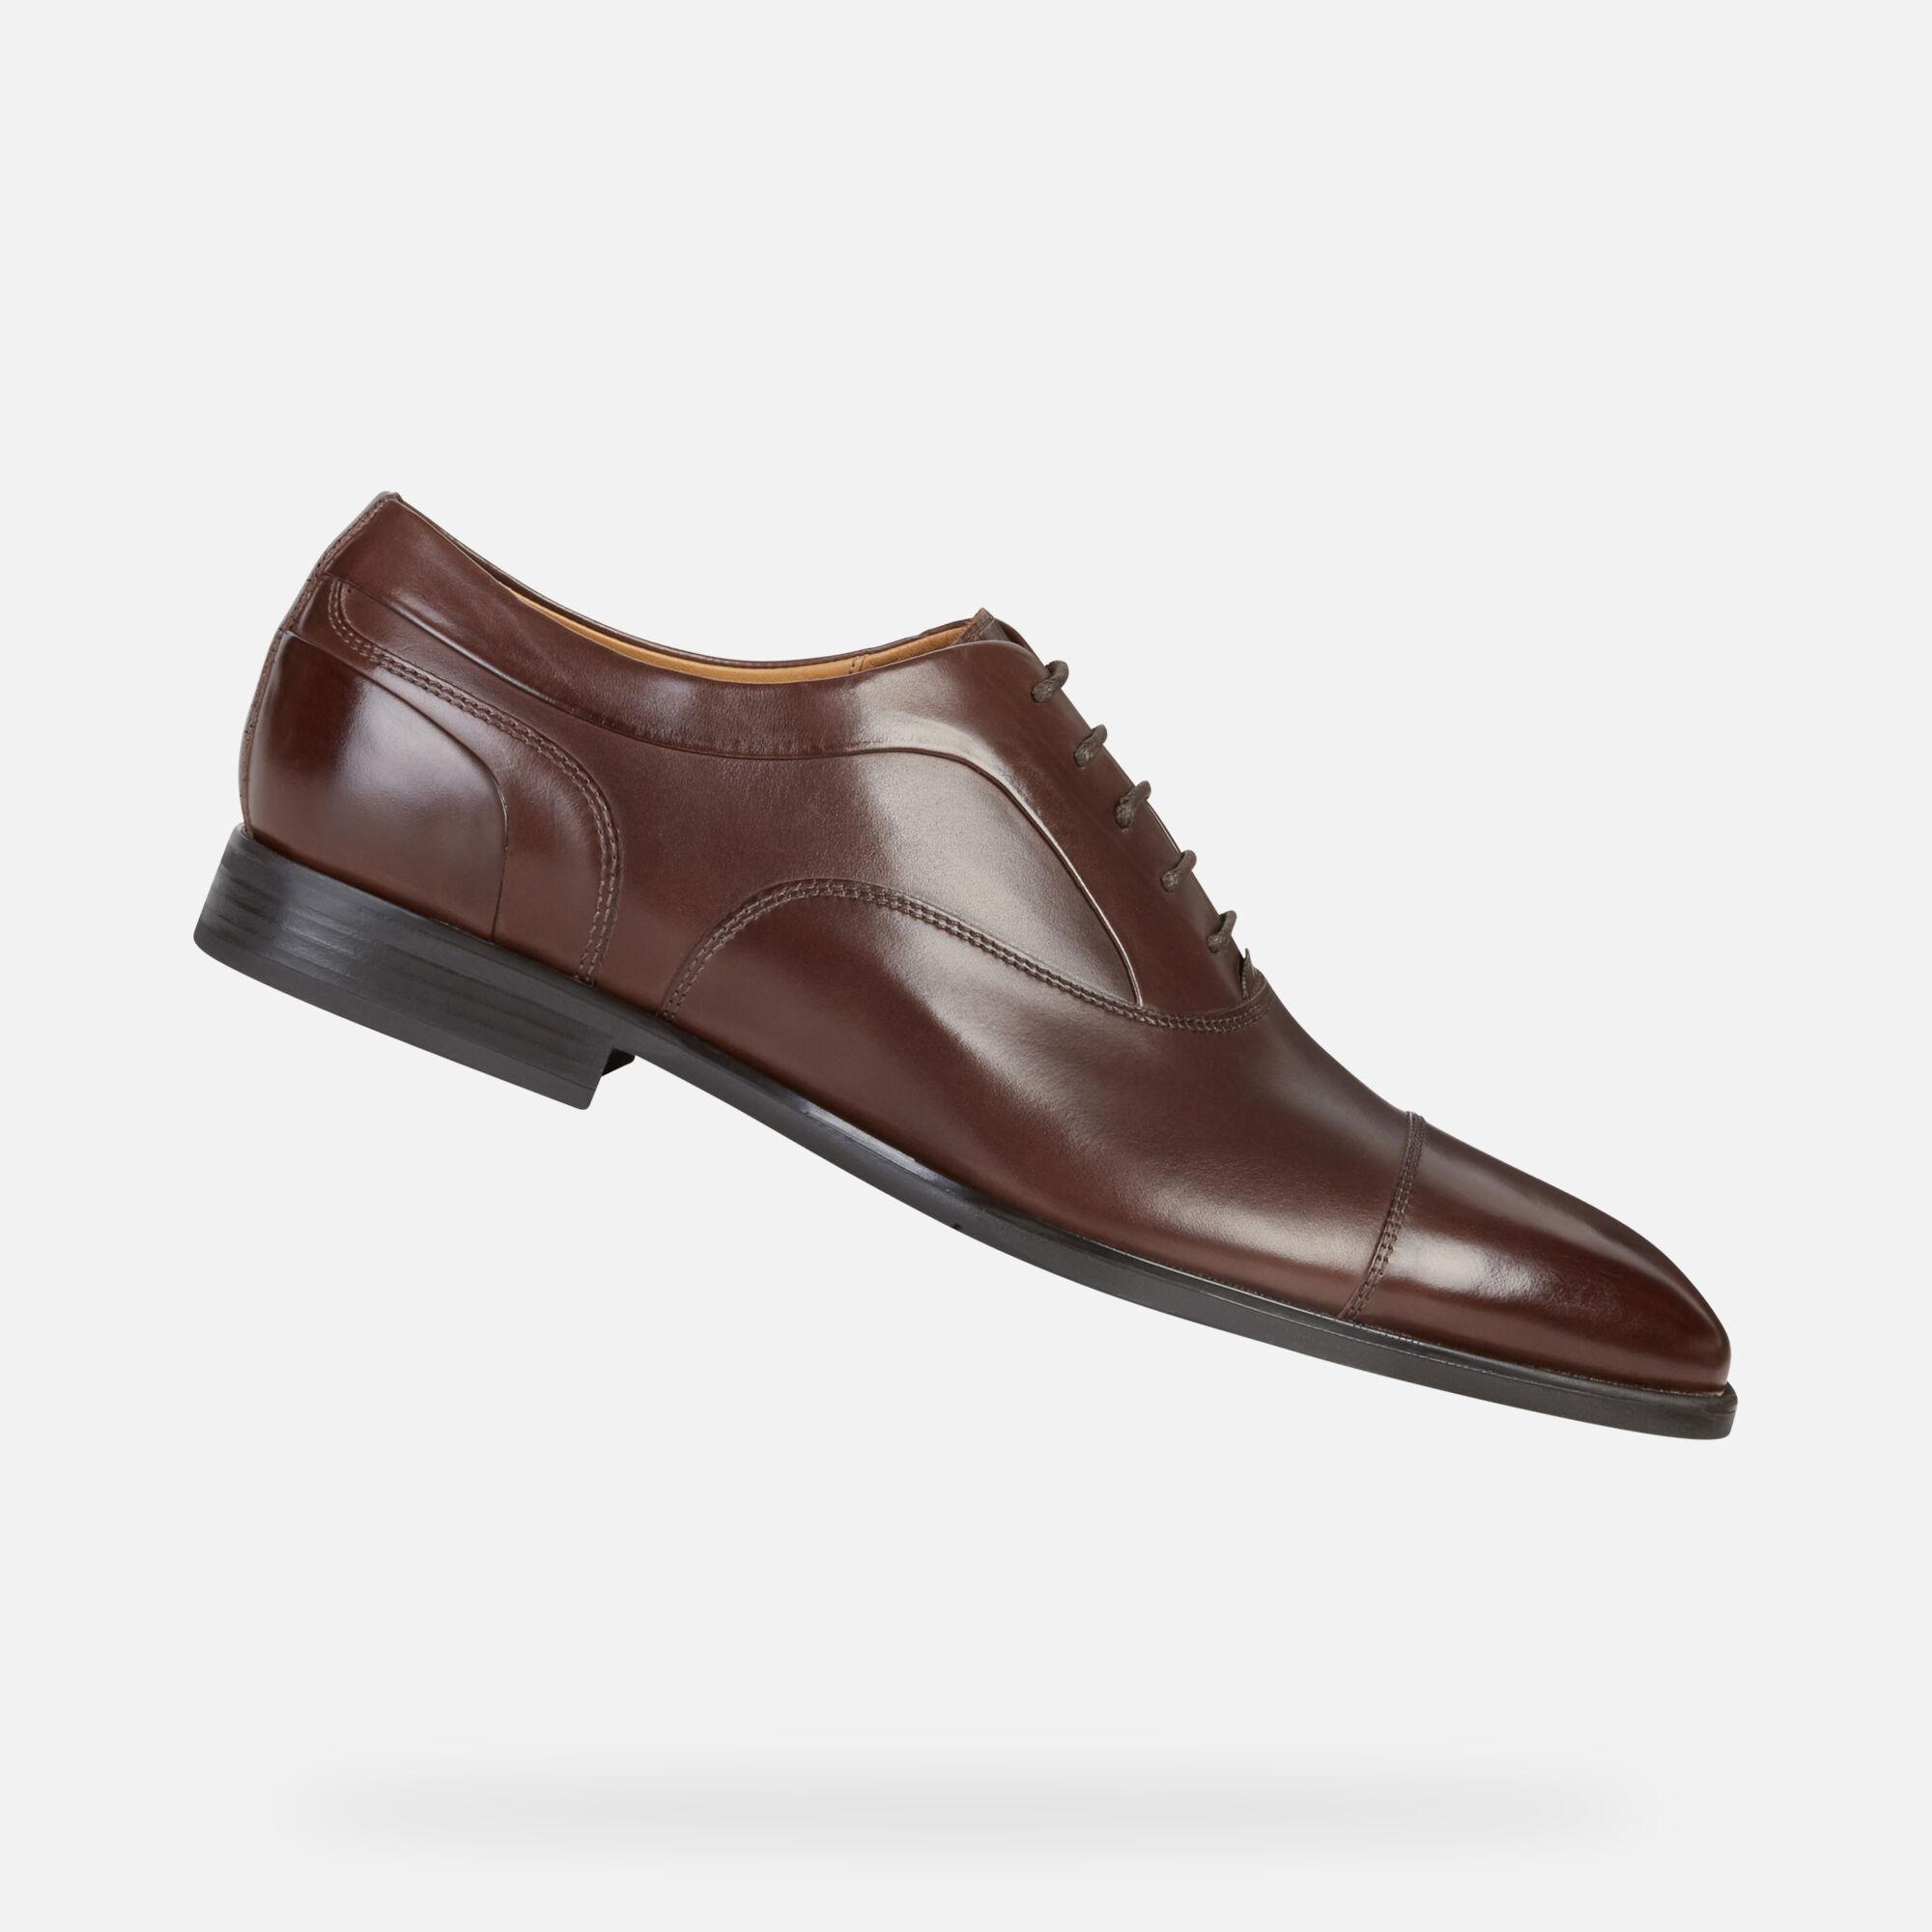 GEOX chaussures en ligne livraison gratuite